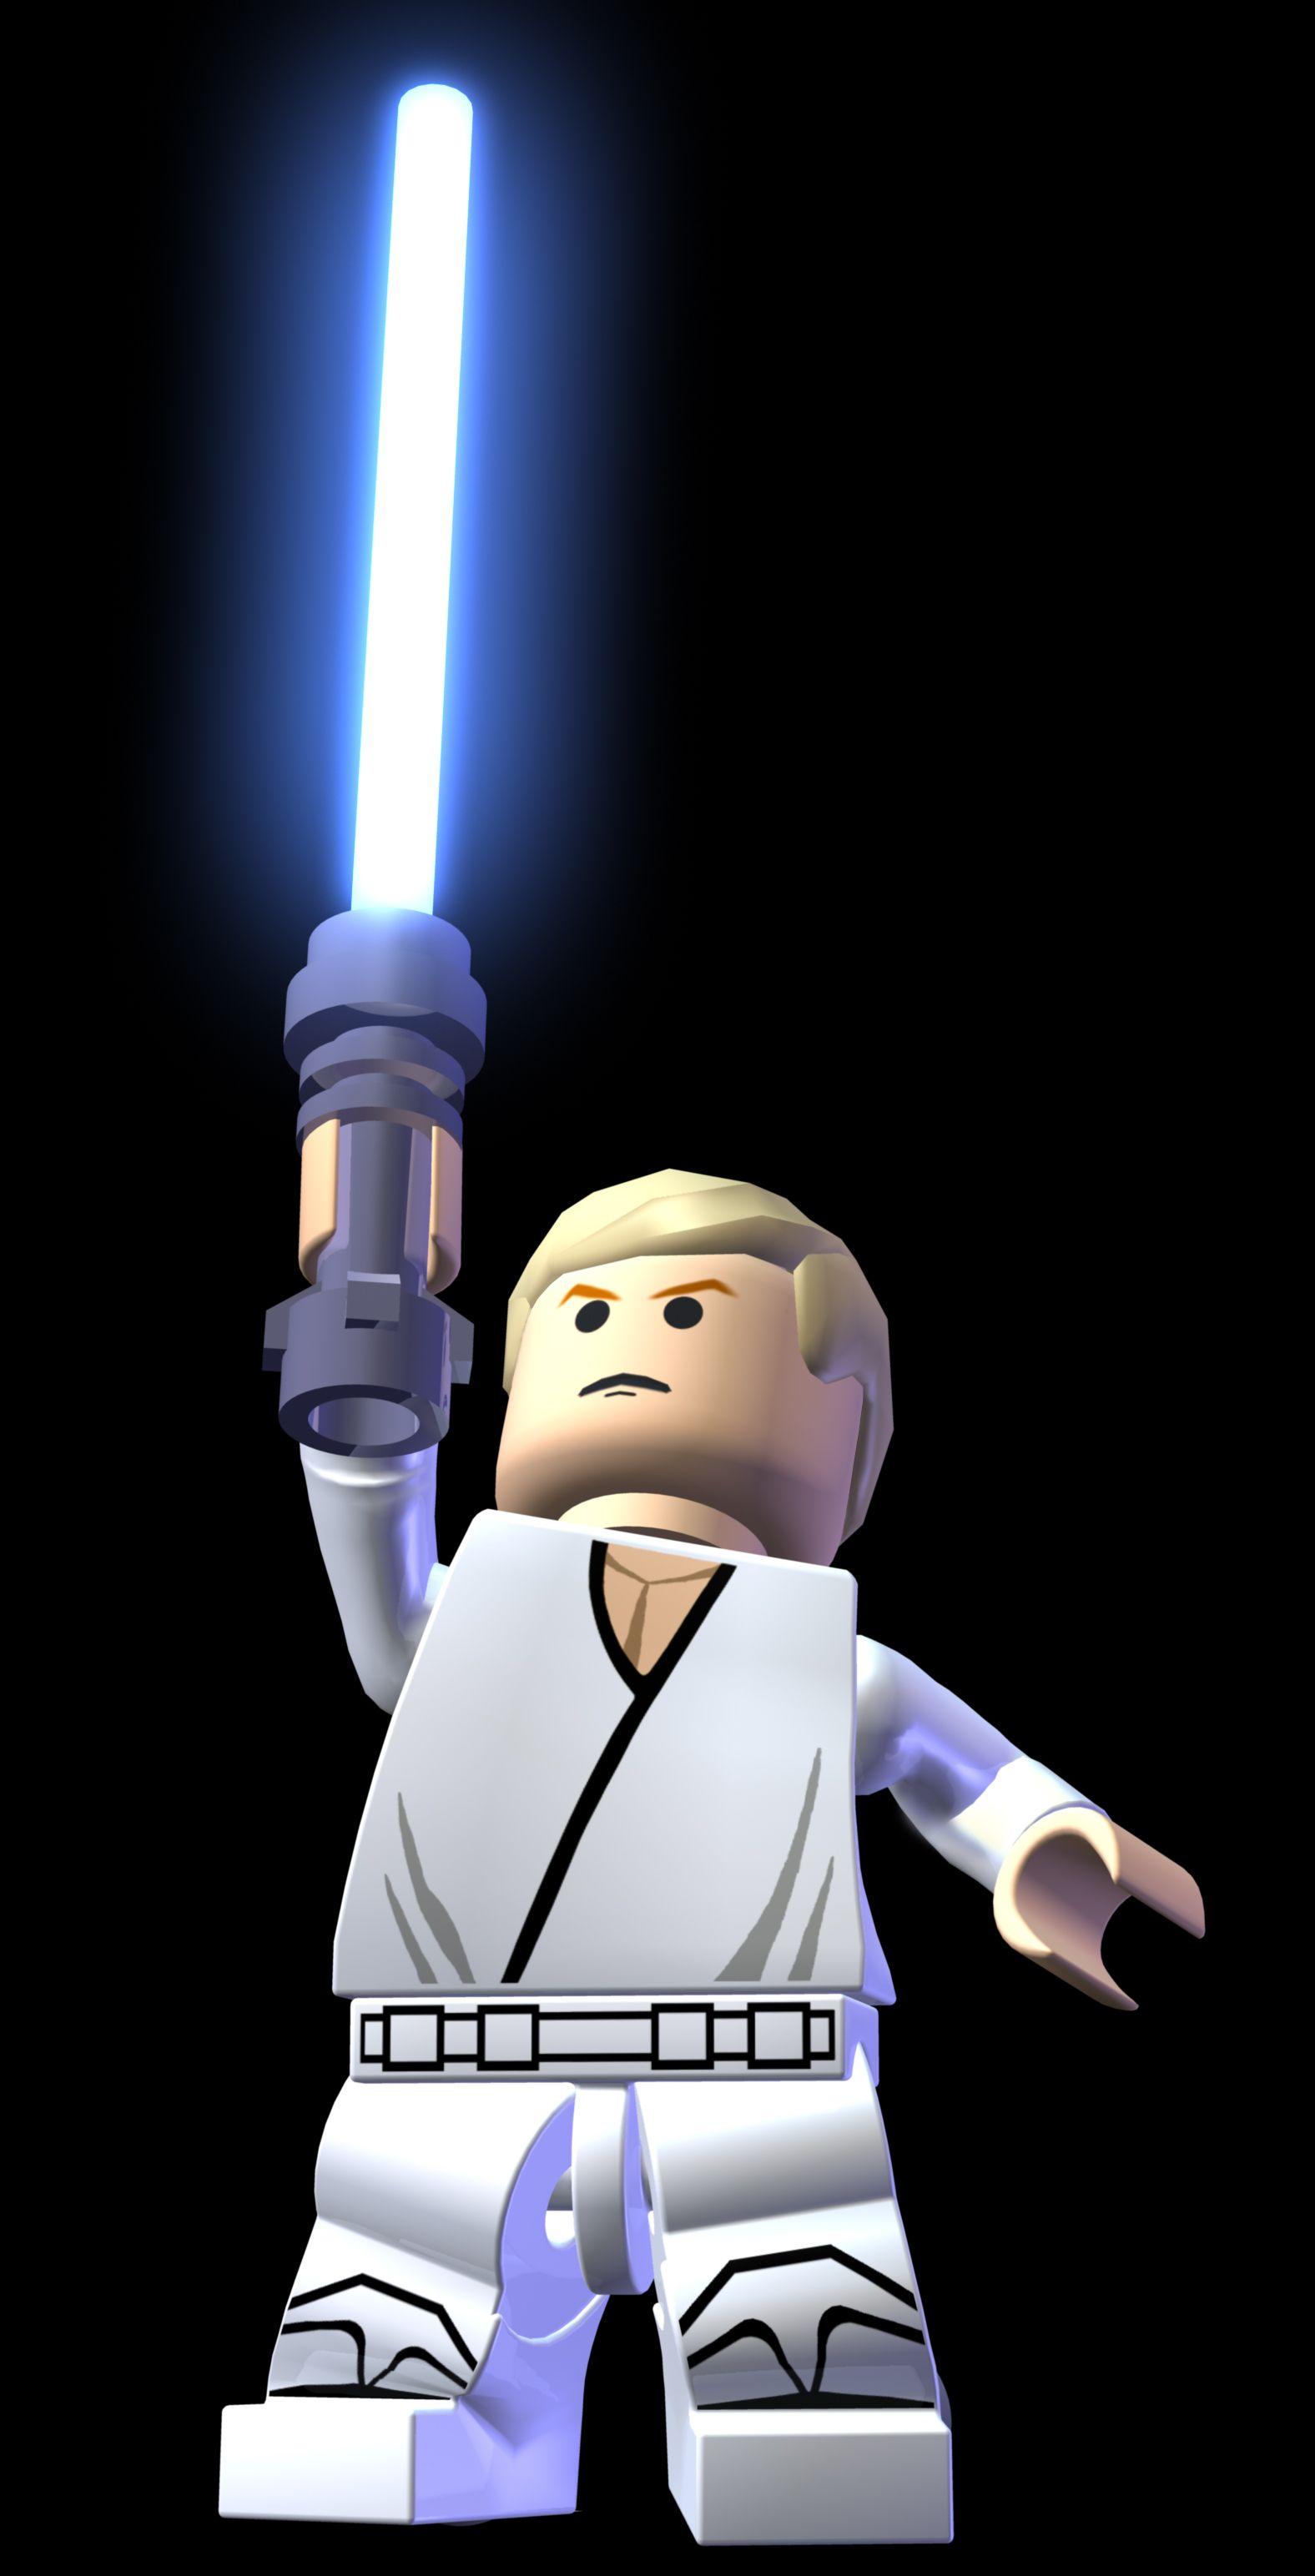 Luke Skywalker Lego Star Wars Star Wars Pictures Star Wars Episodes